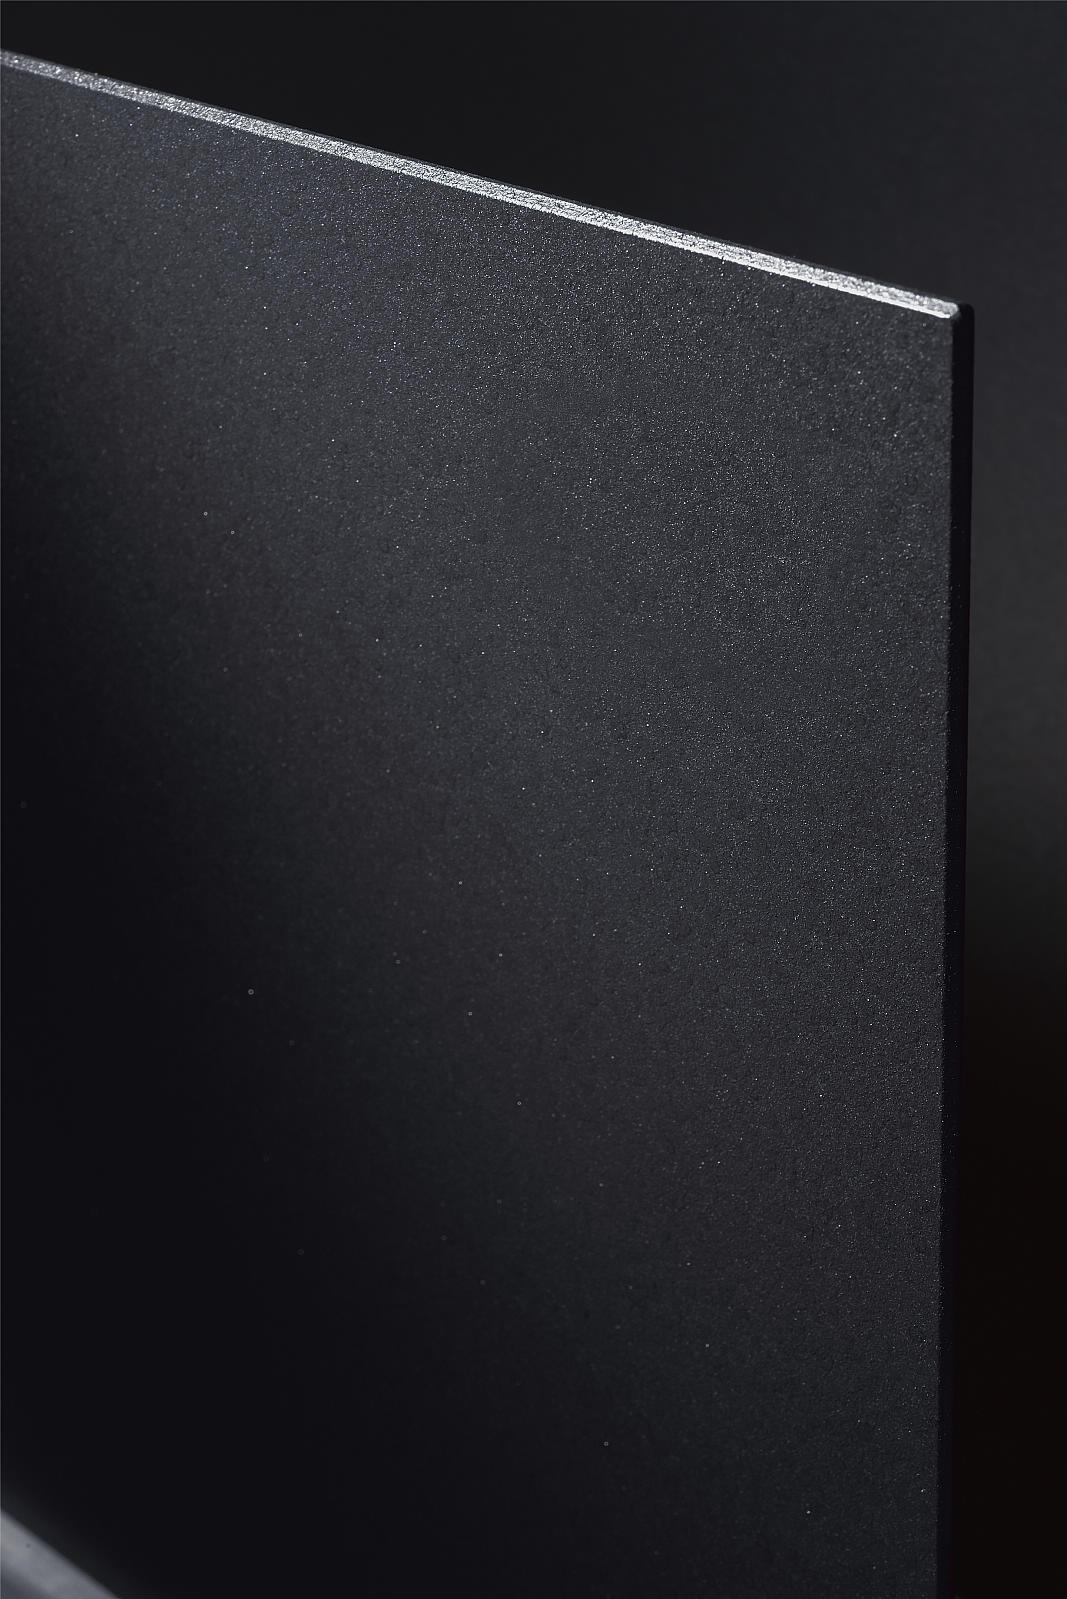 AA203ABEX-PA0080011